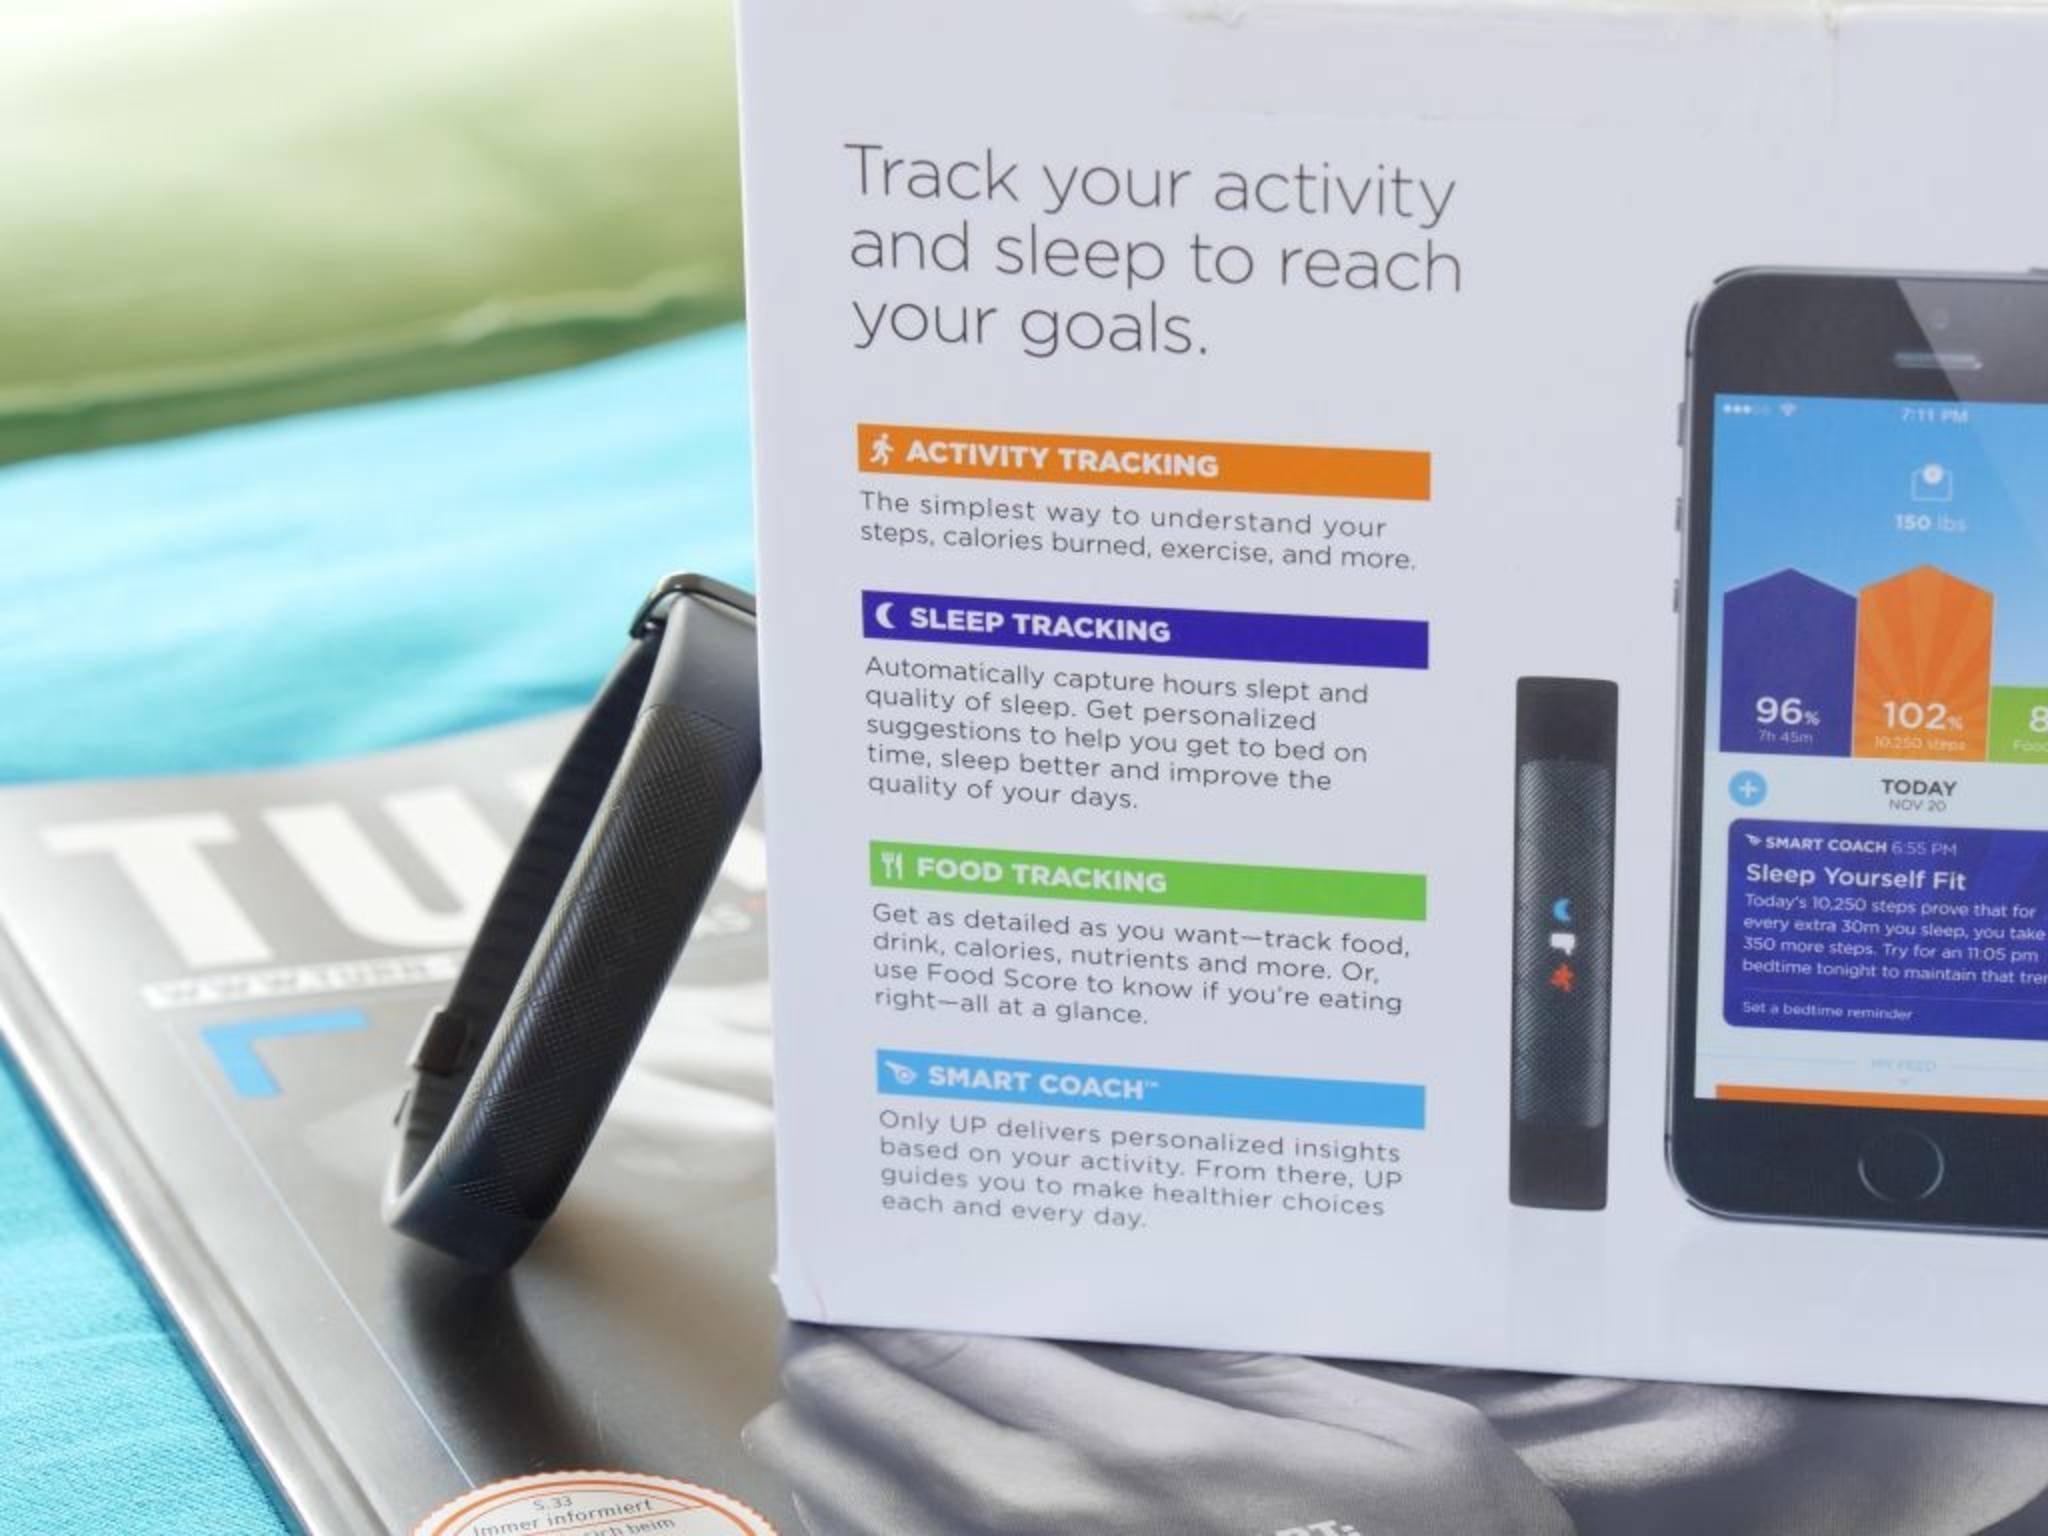 Der Tracker soll hauptsächlich die Aktivität und den Schlaf erfassen.